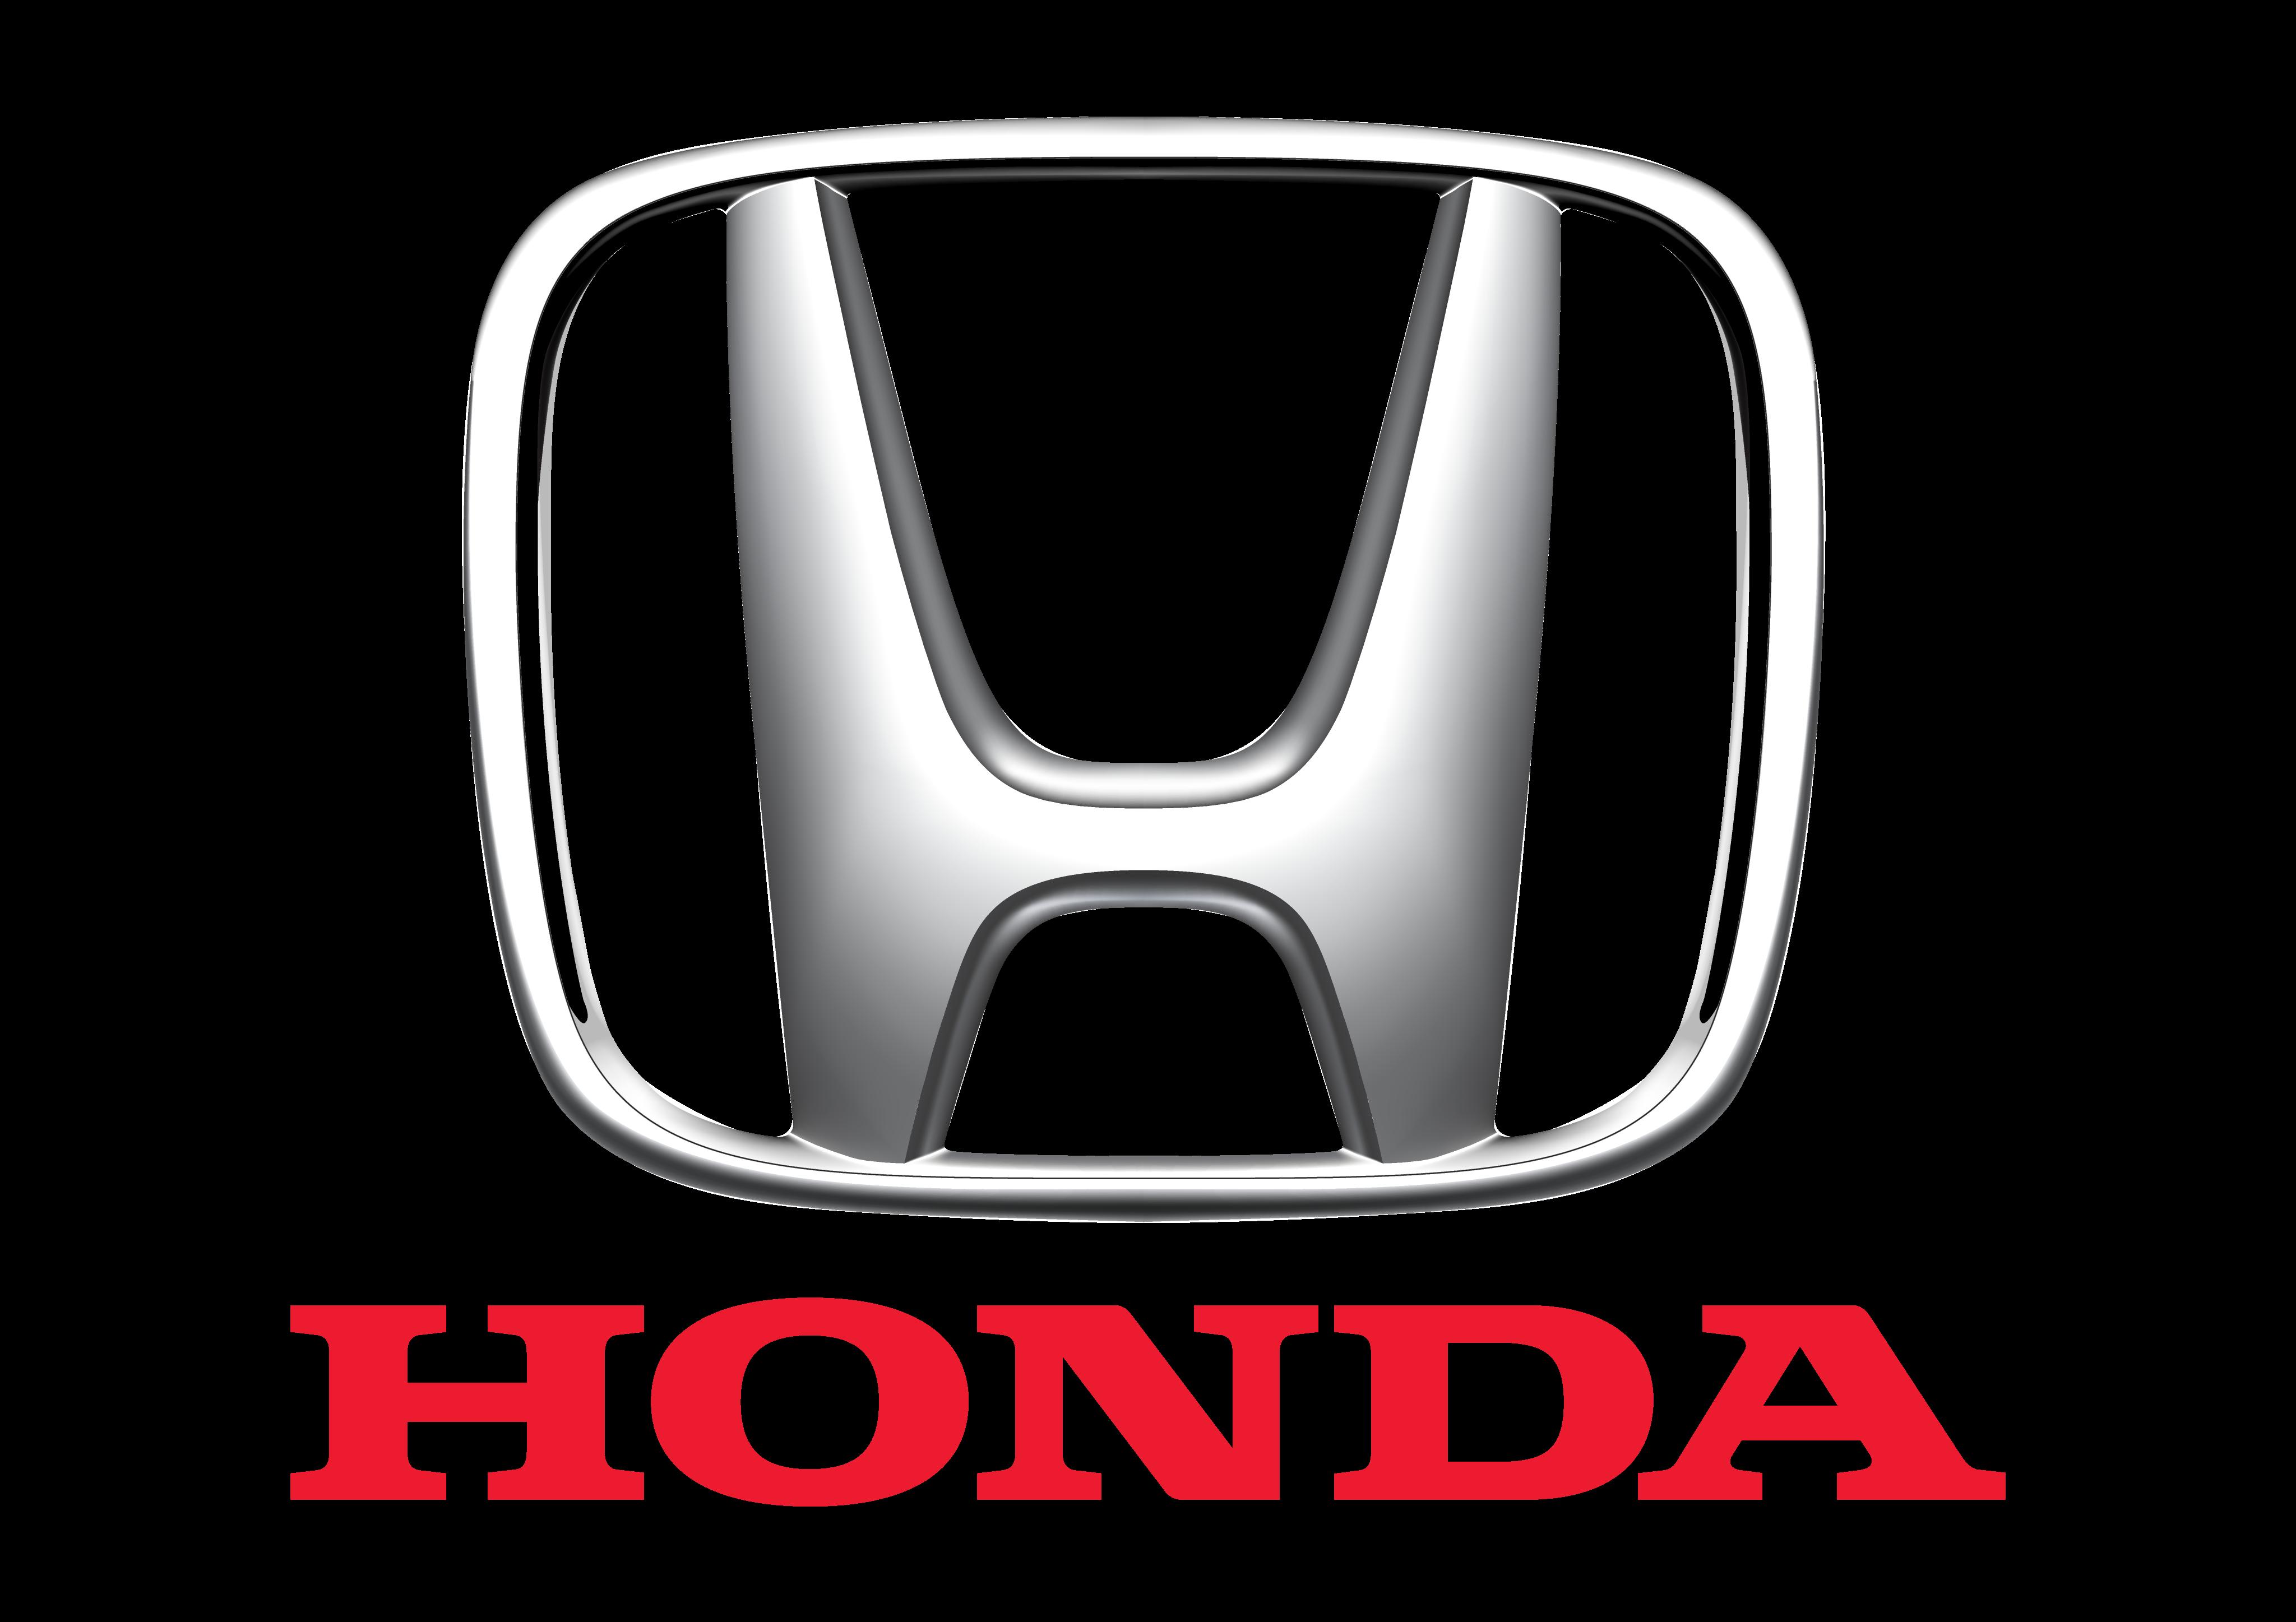 honda autos logo - Honda Autos Logo